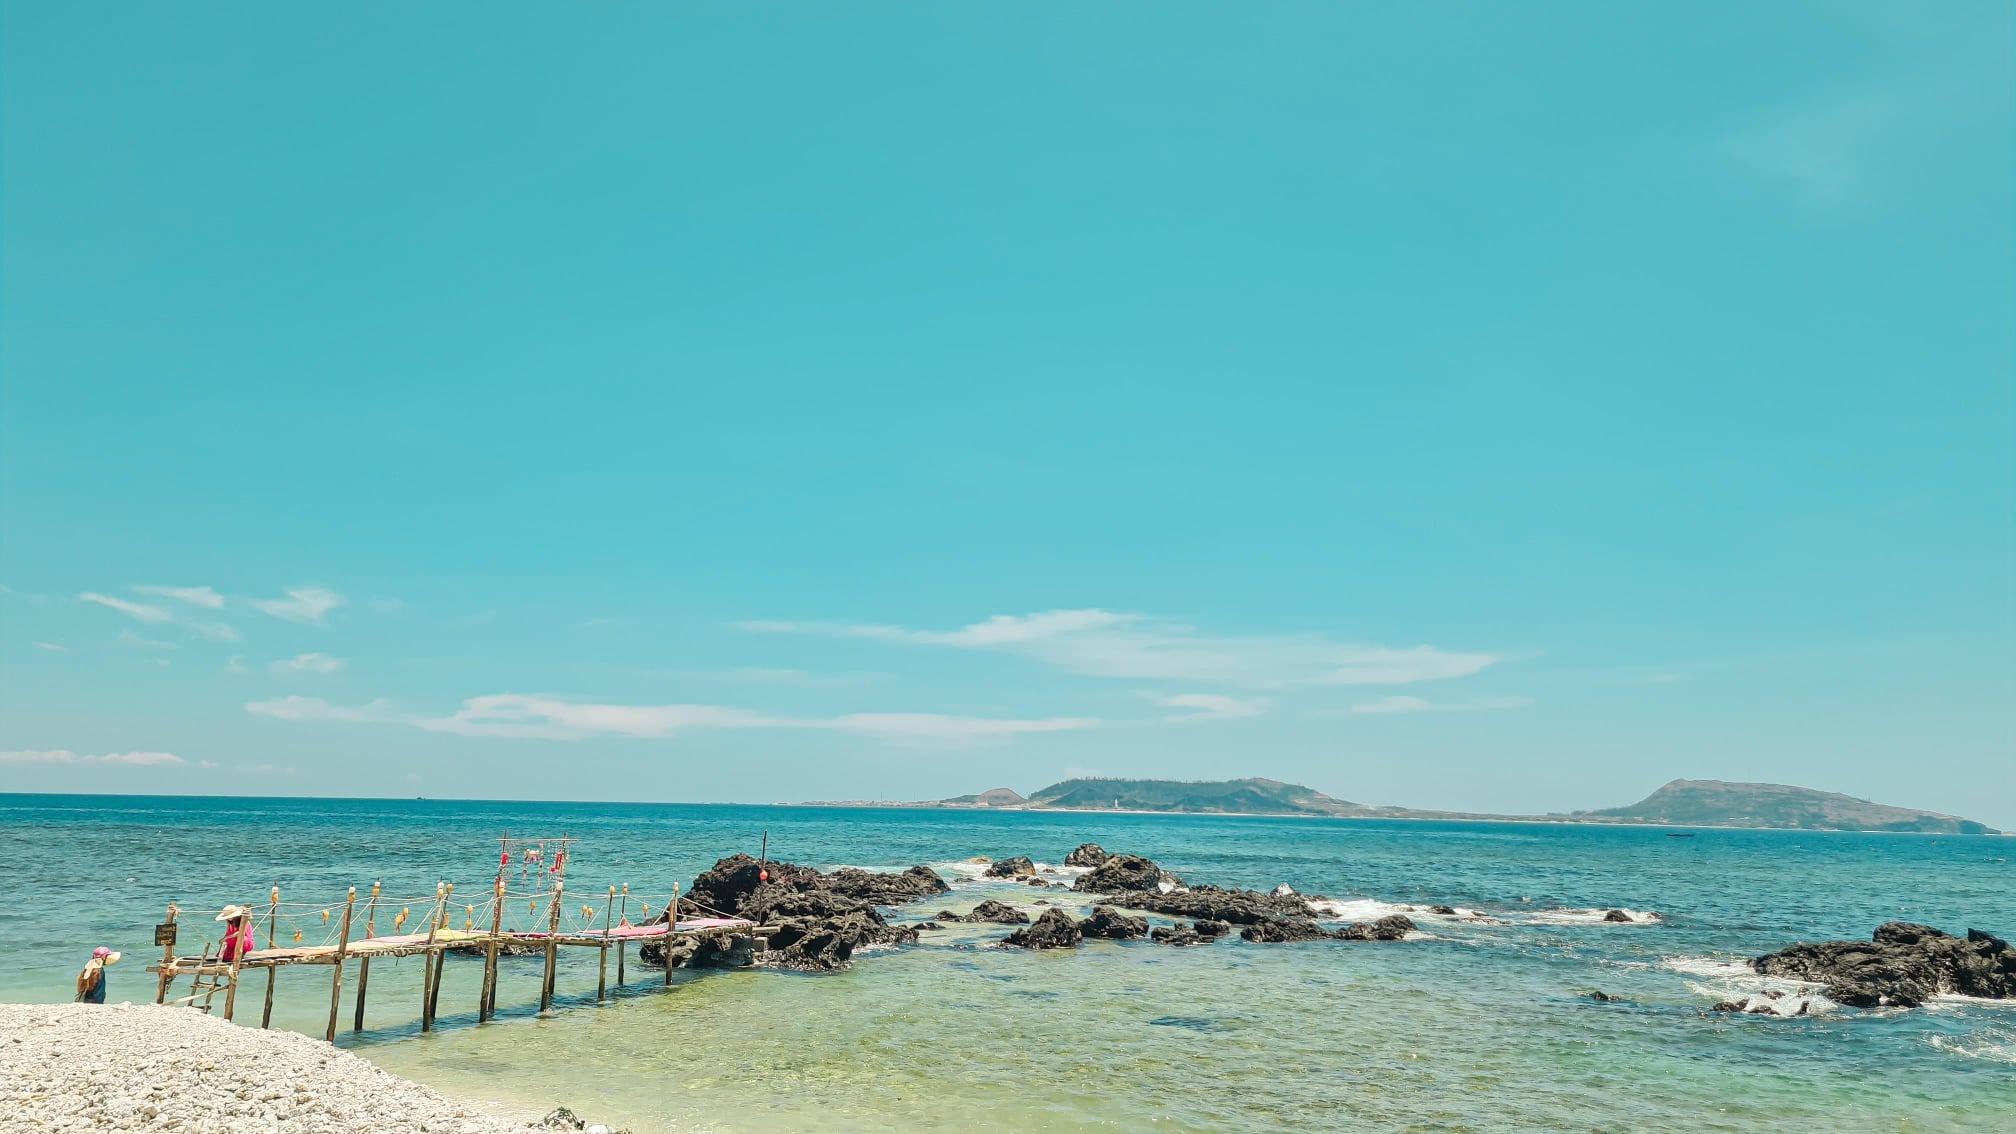 lịch trình du lịch đảo Lý Sơn, đi đâu, ăn gì